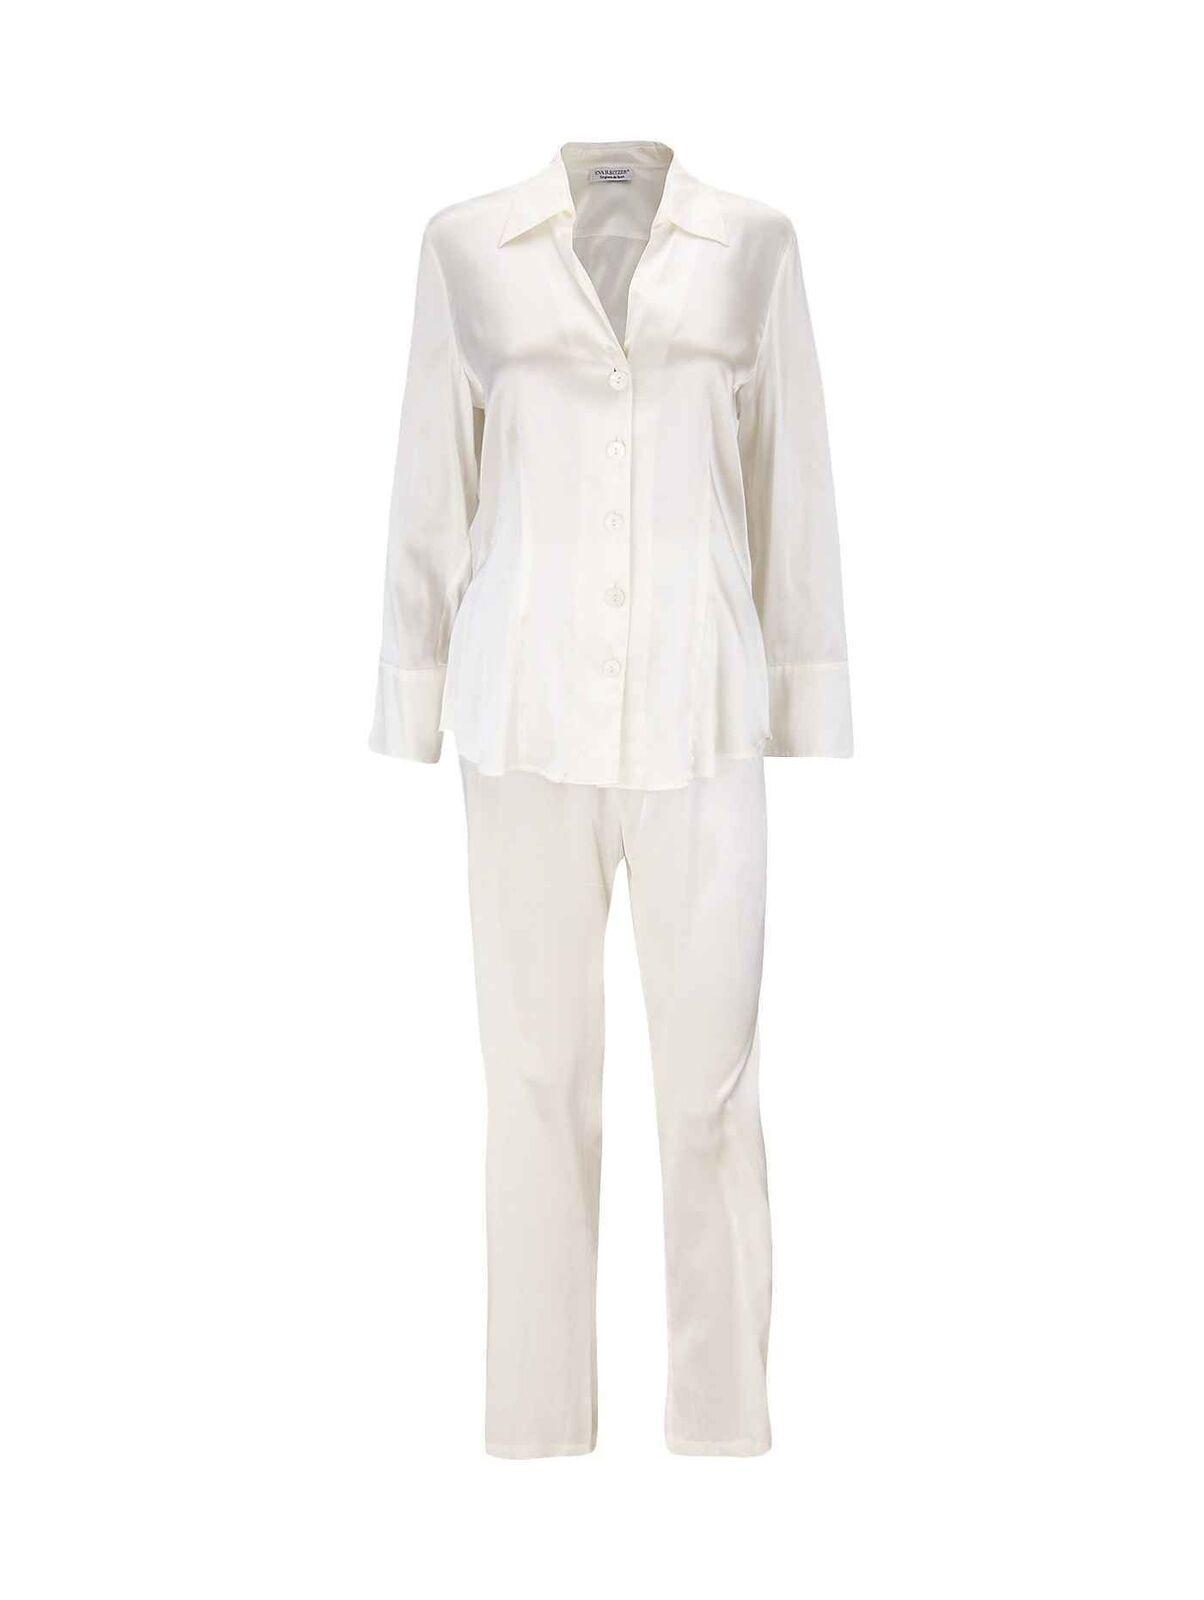 Eva B. Bitzer señora  pijamas, elástico Silk Stretch nuevo & OVP  Entrega directa y rápida de fábrica